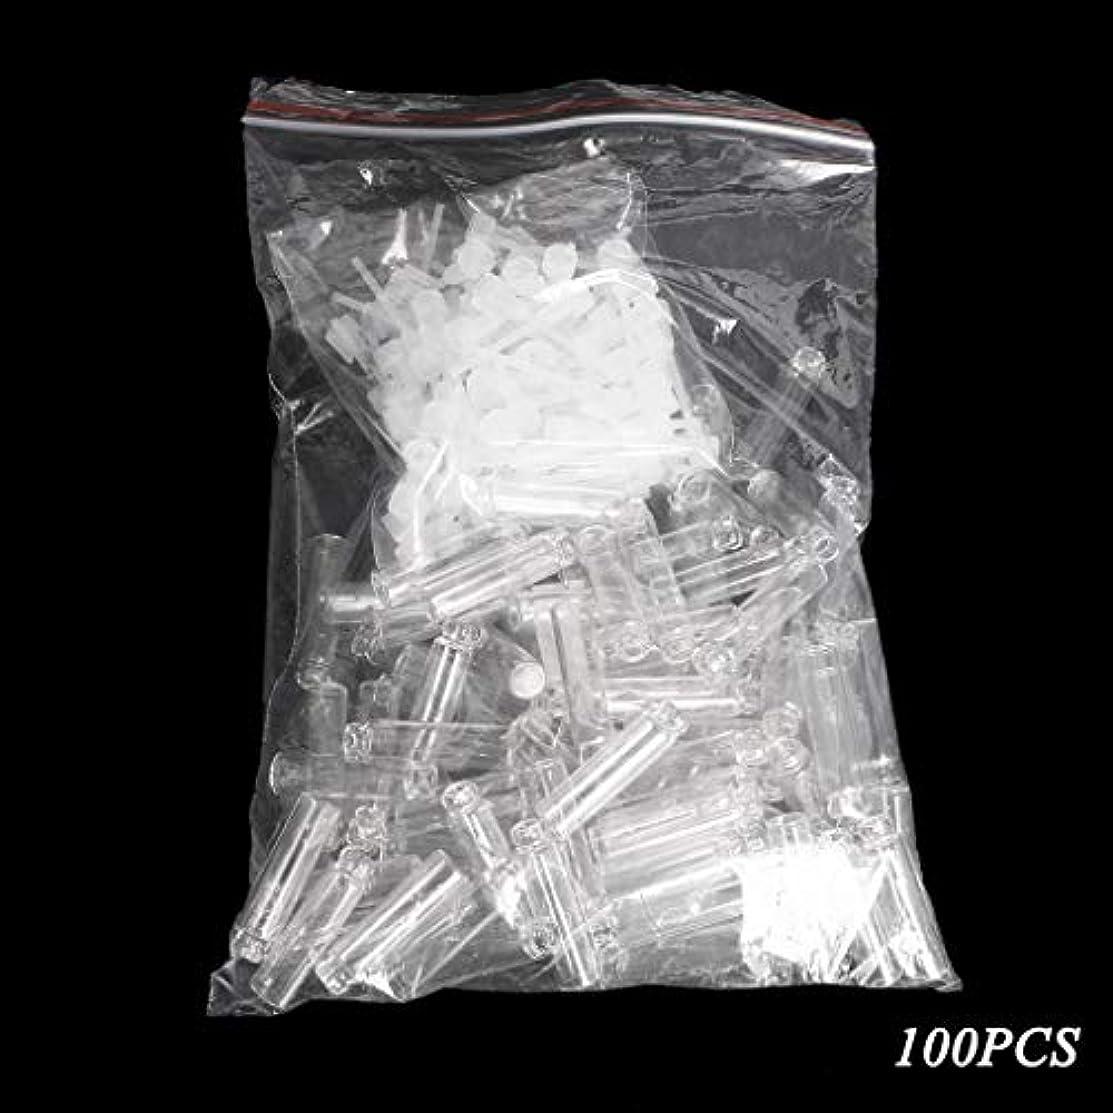 連結する面倒バーガーDabixx 100個/ロットの小型化粧品の香水の精油のサンプルガラスビンの容器 - 透明(1ml) - 100個